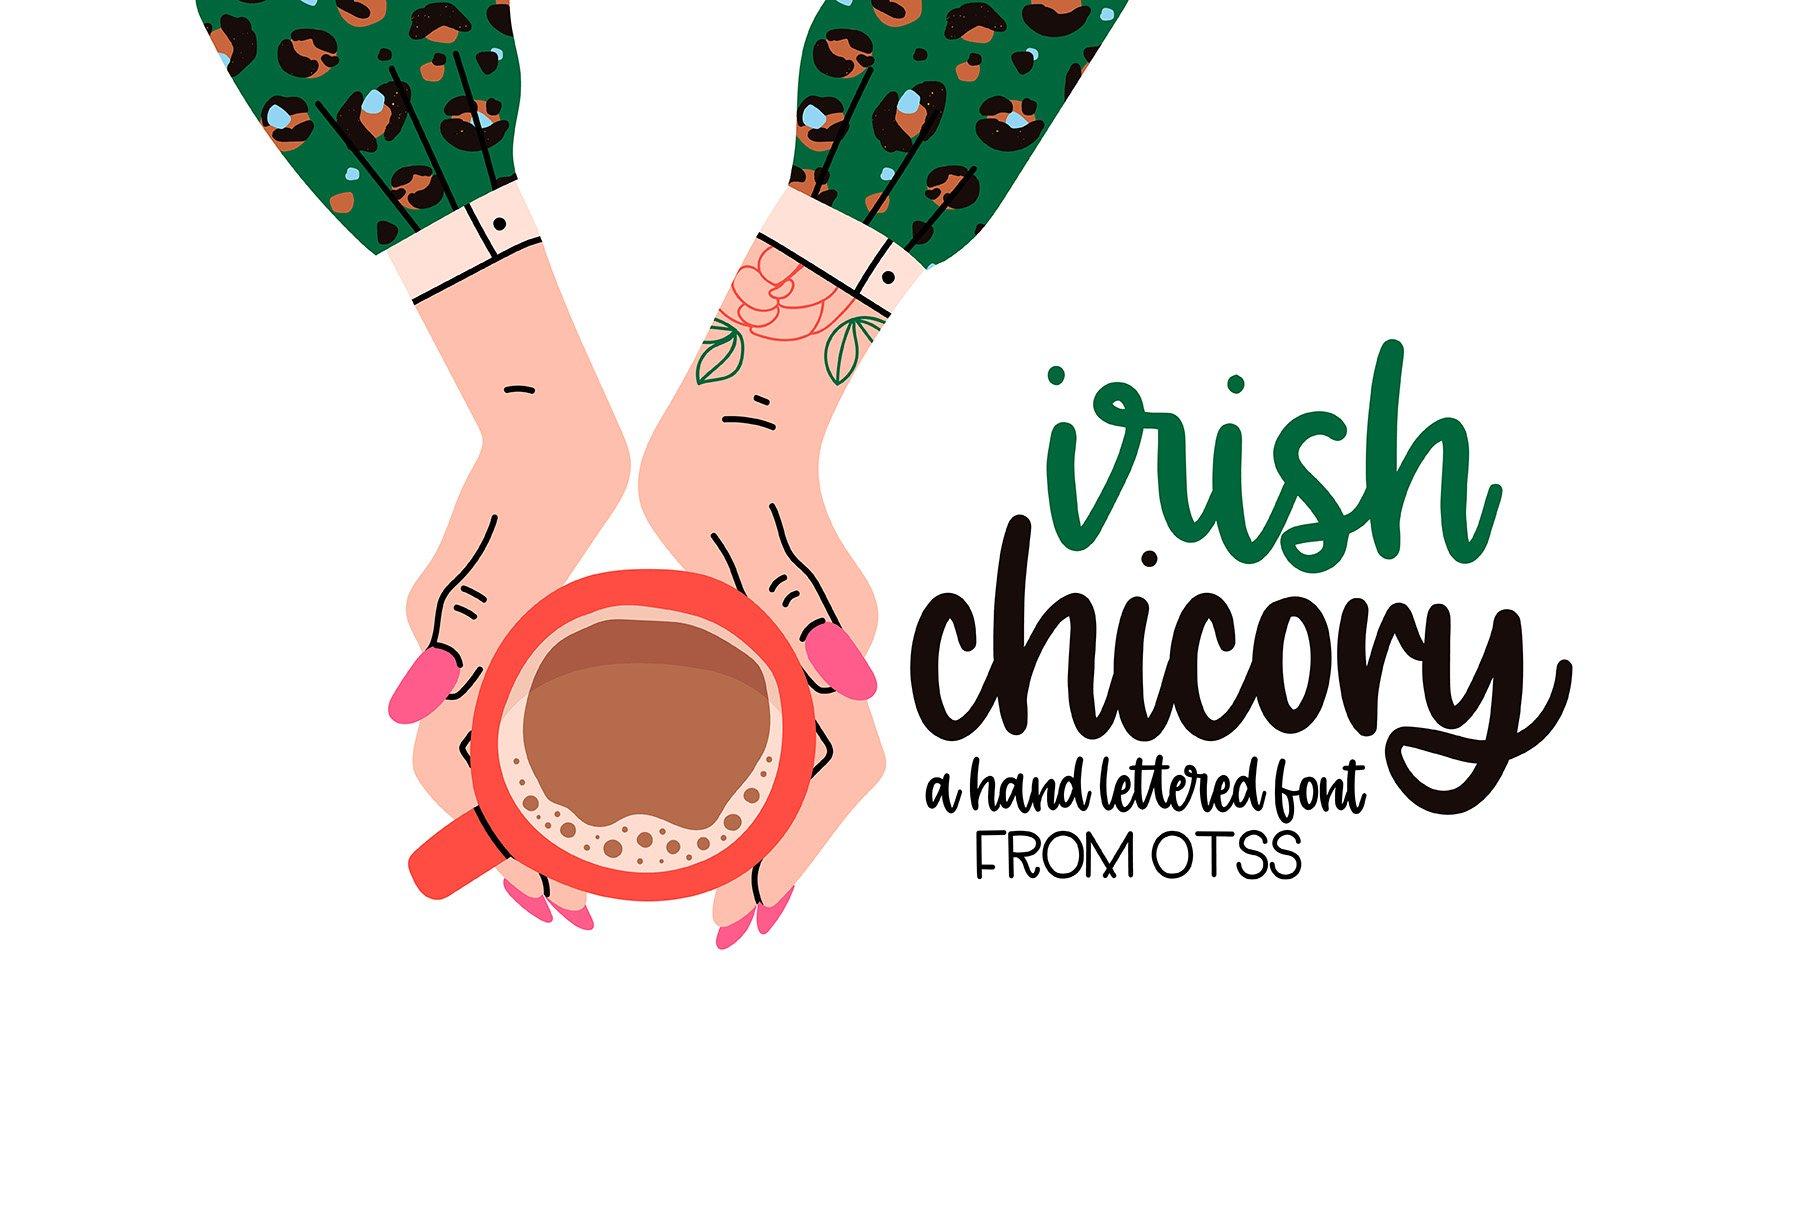 Irish Chicory